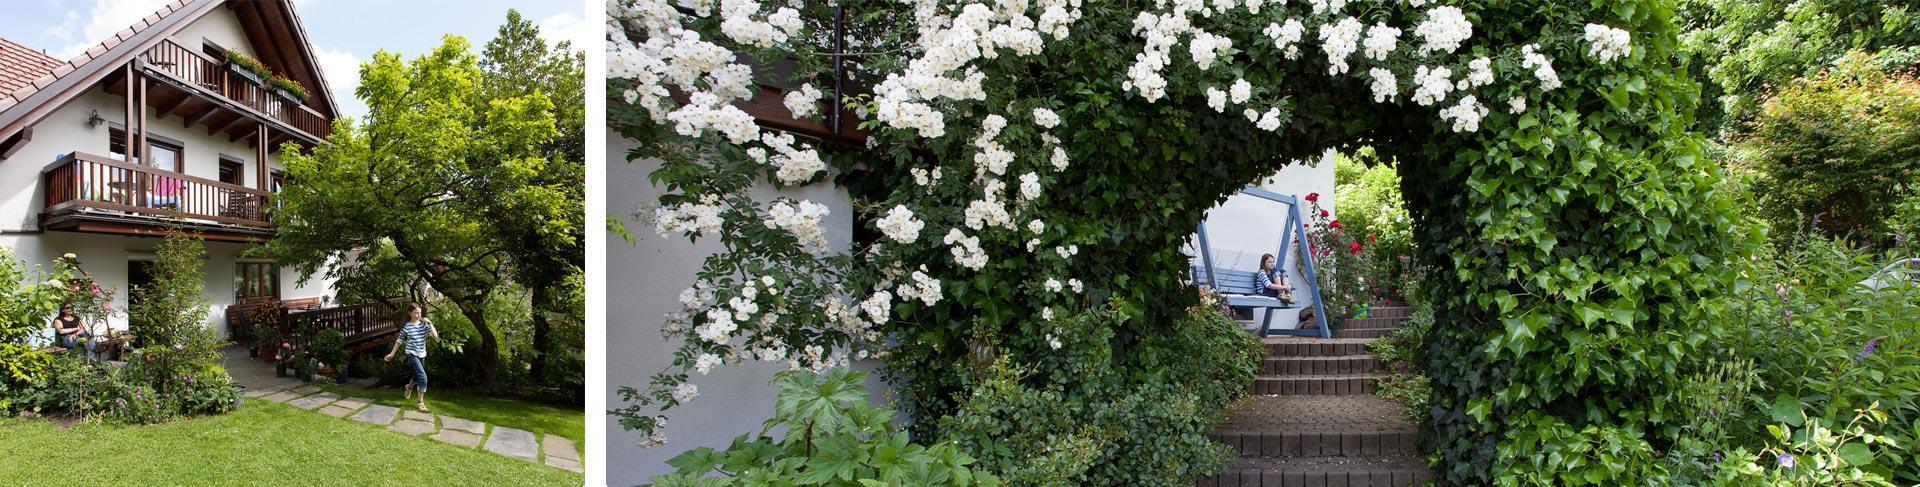 Erfreuen Sie sich an der Pension und Garten